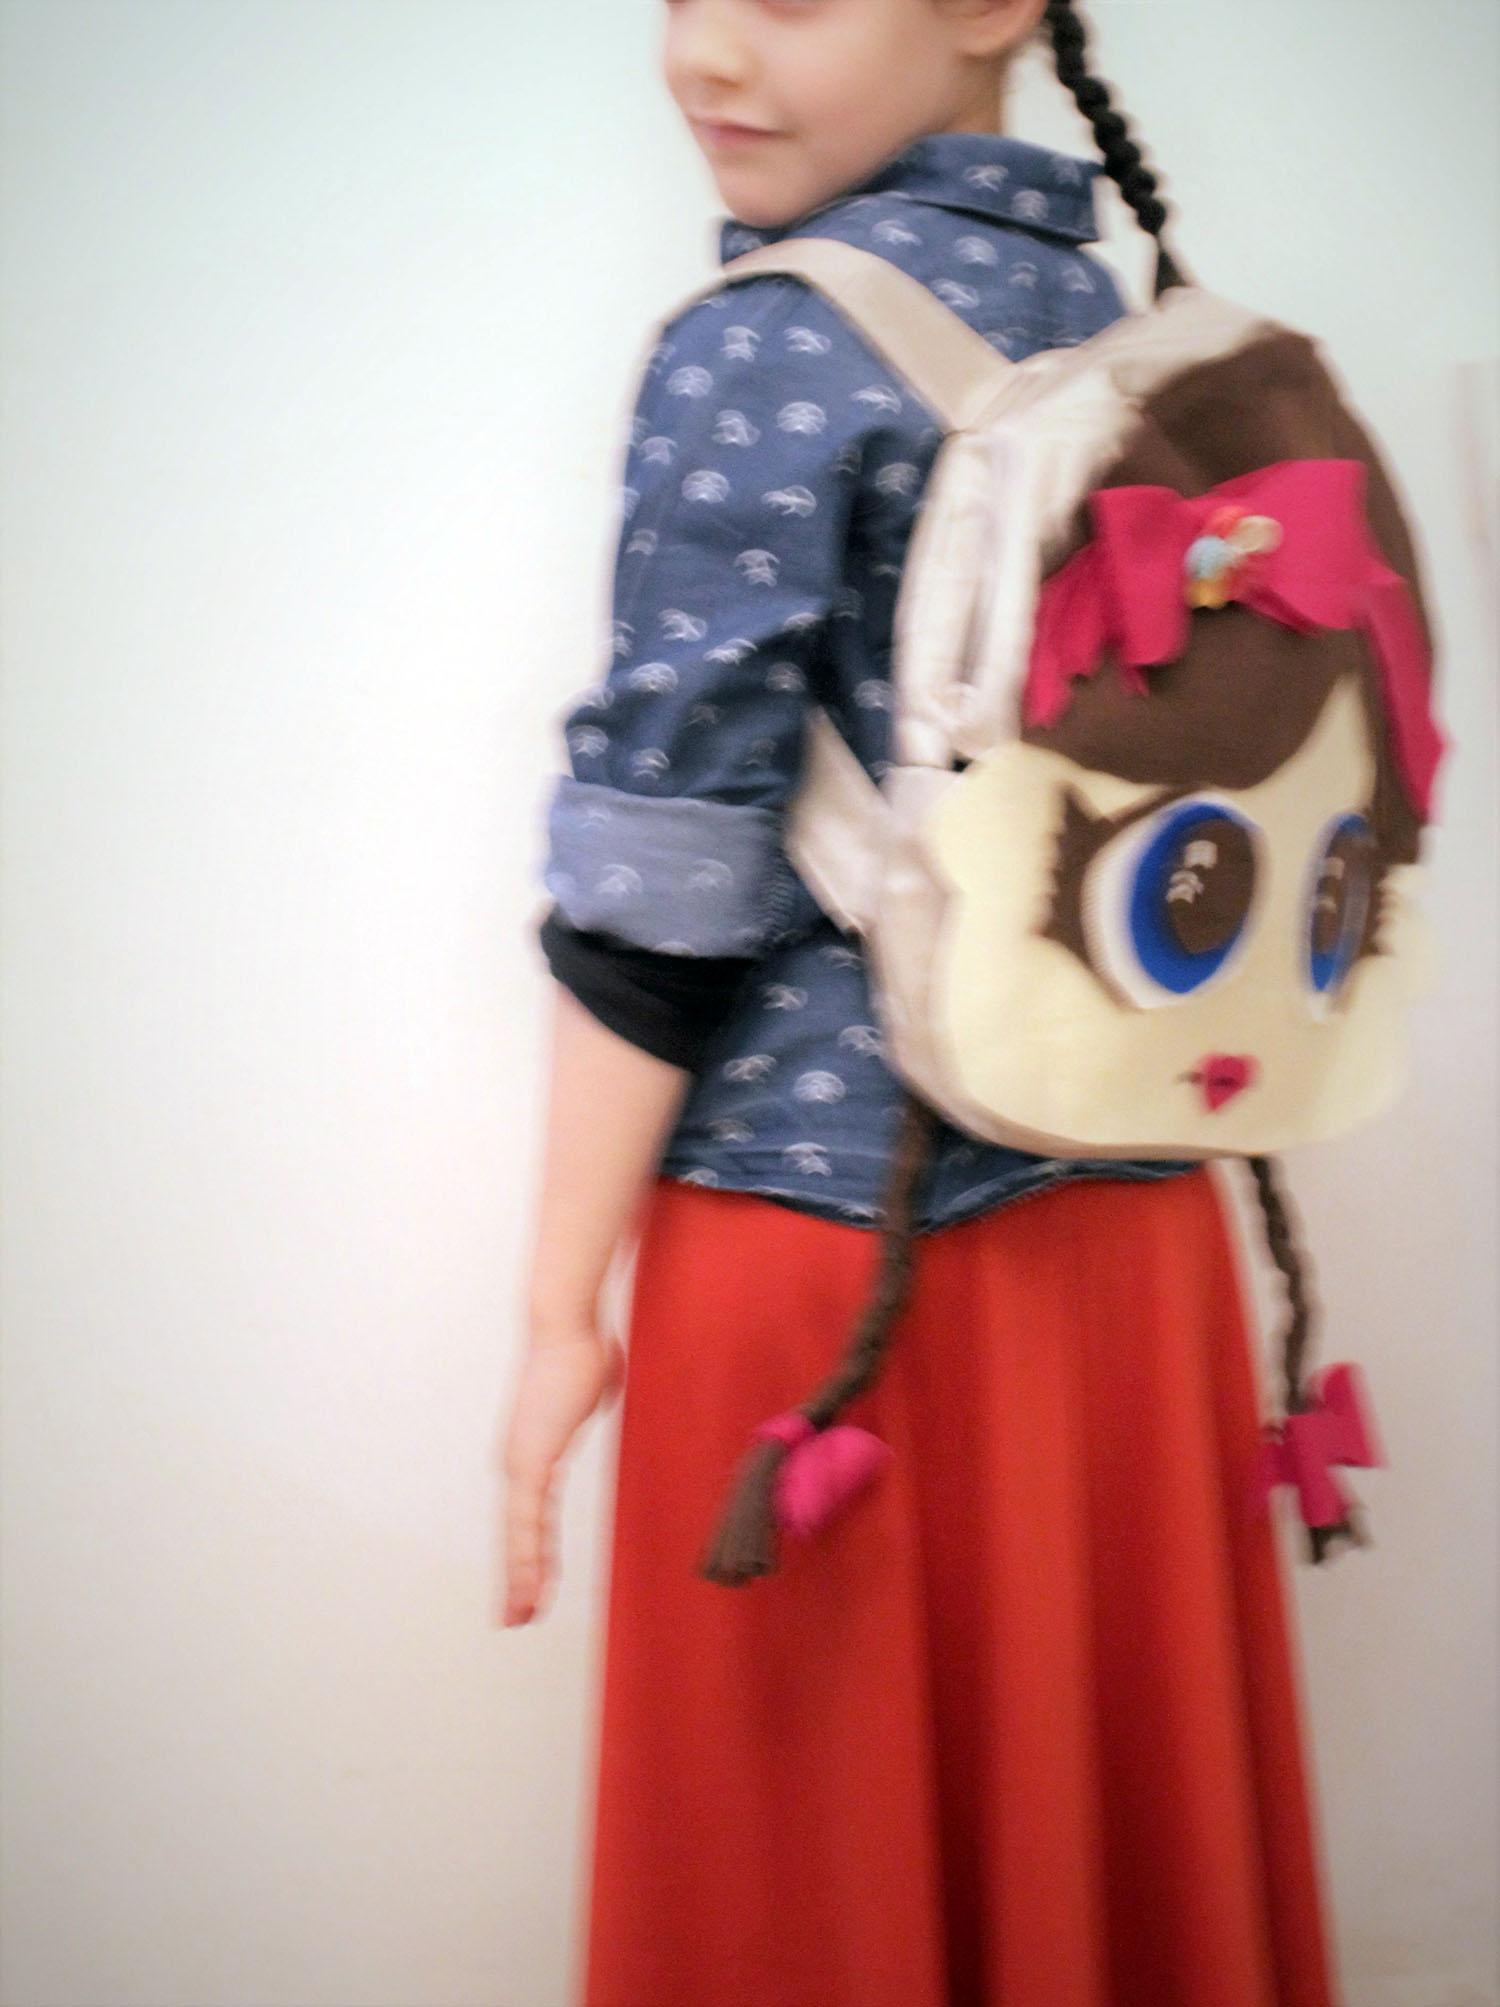 IMG 6101 - התיק של הילדה שלי